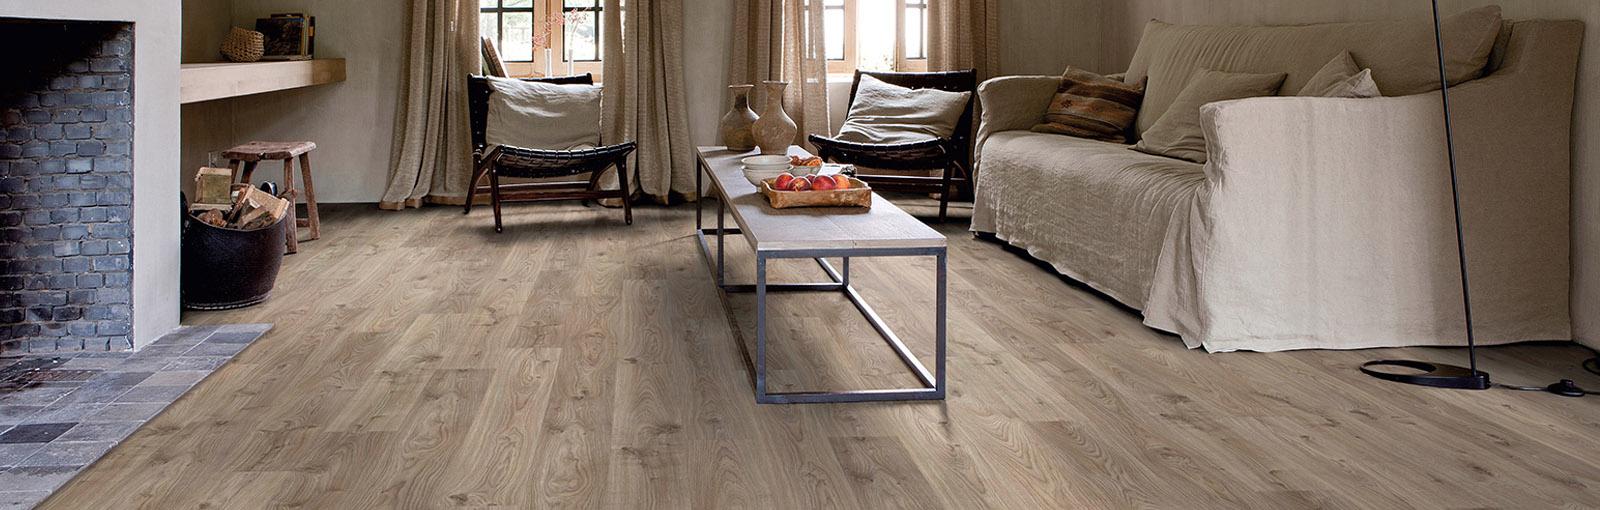 michels bodendepot in gummersbach branchenbuch deutschland. Black Bedroom Furniture Sets. Home Design Ideas